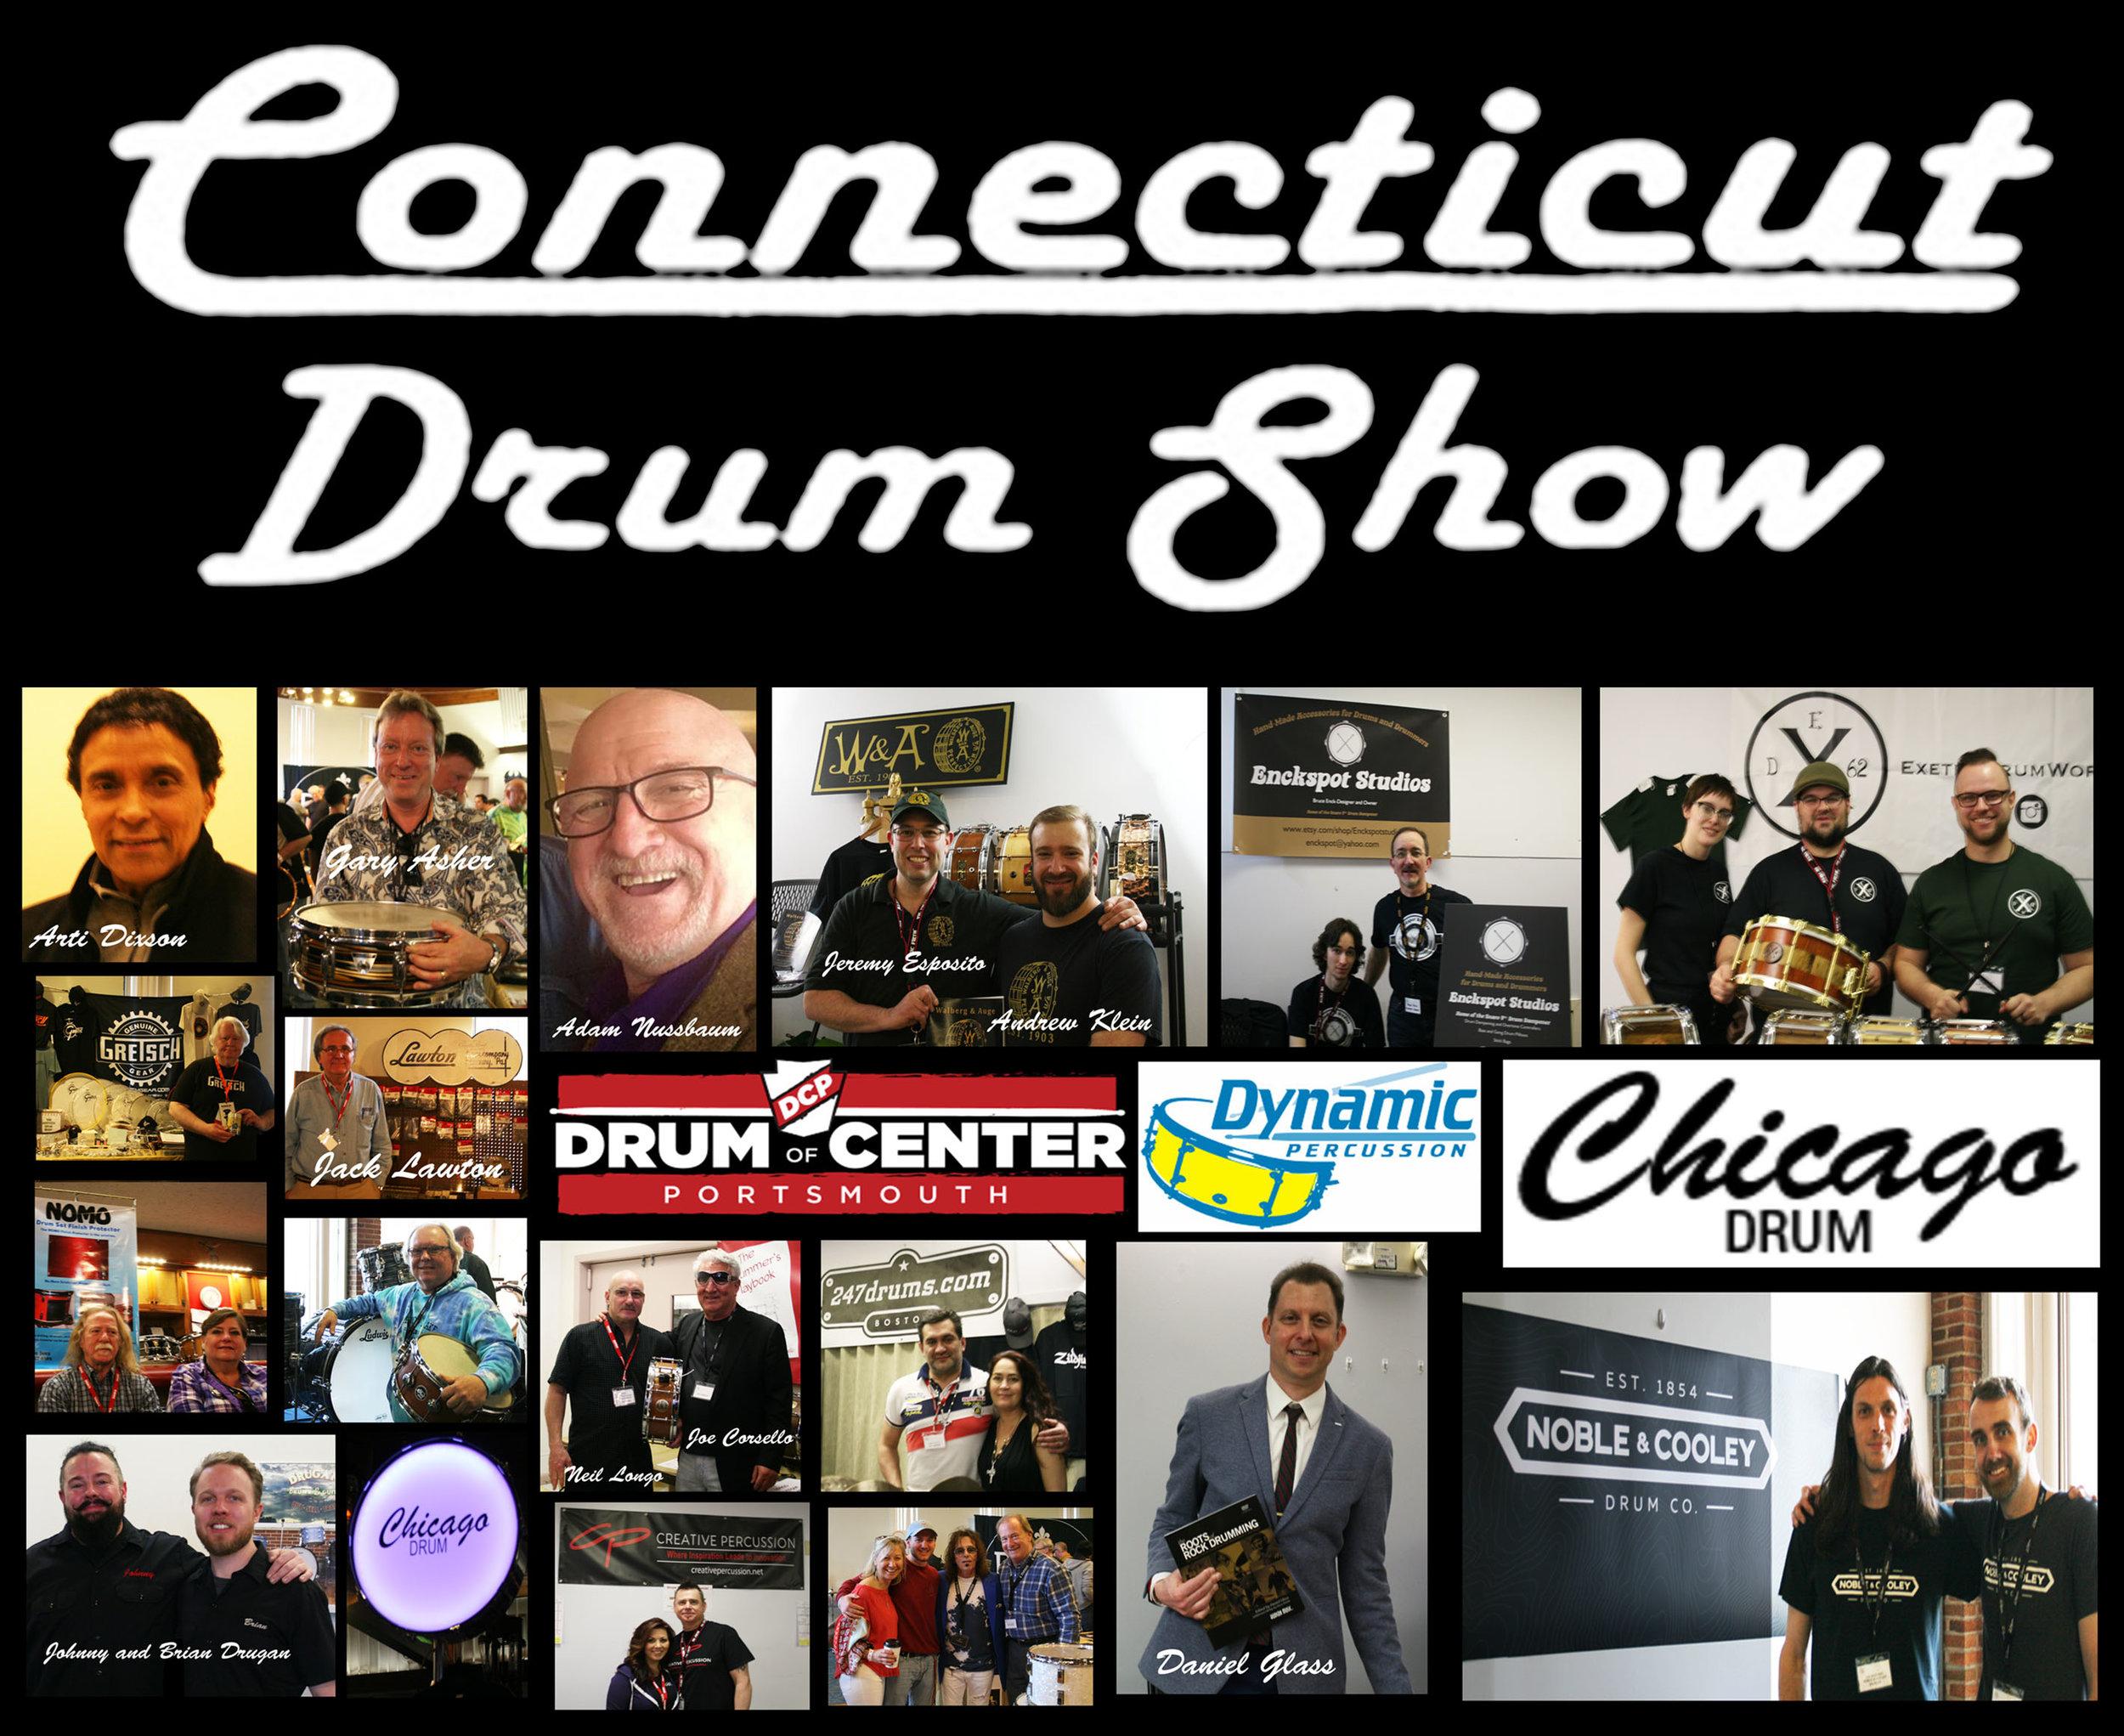 CT-Drum-Show-Collage.jpg